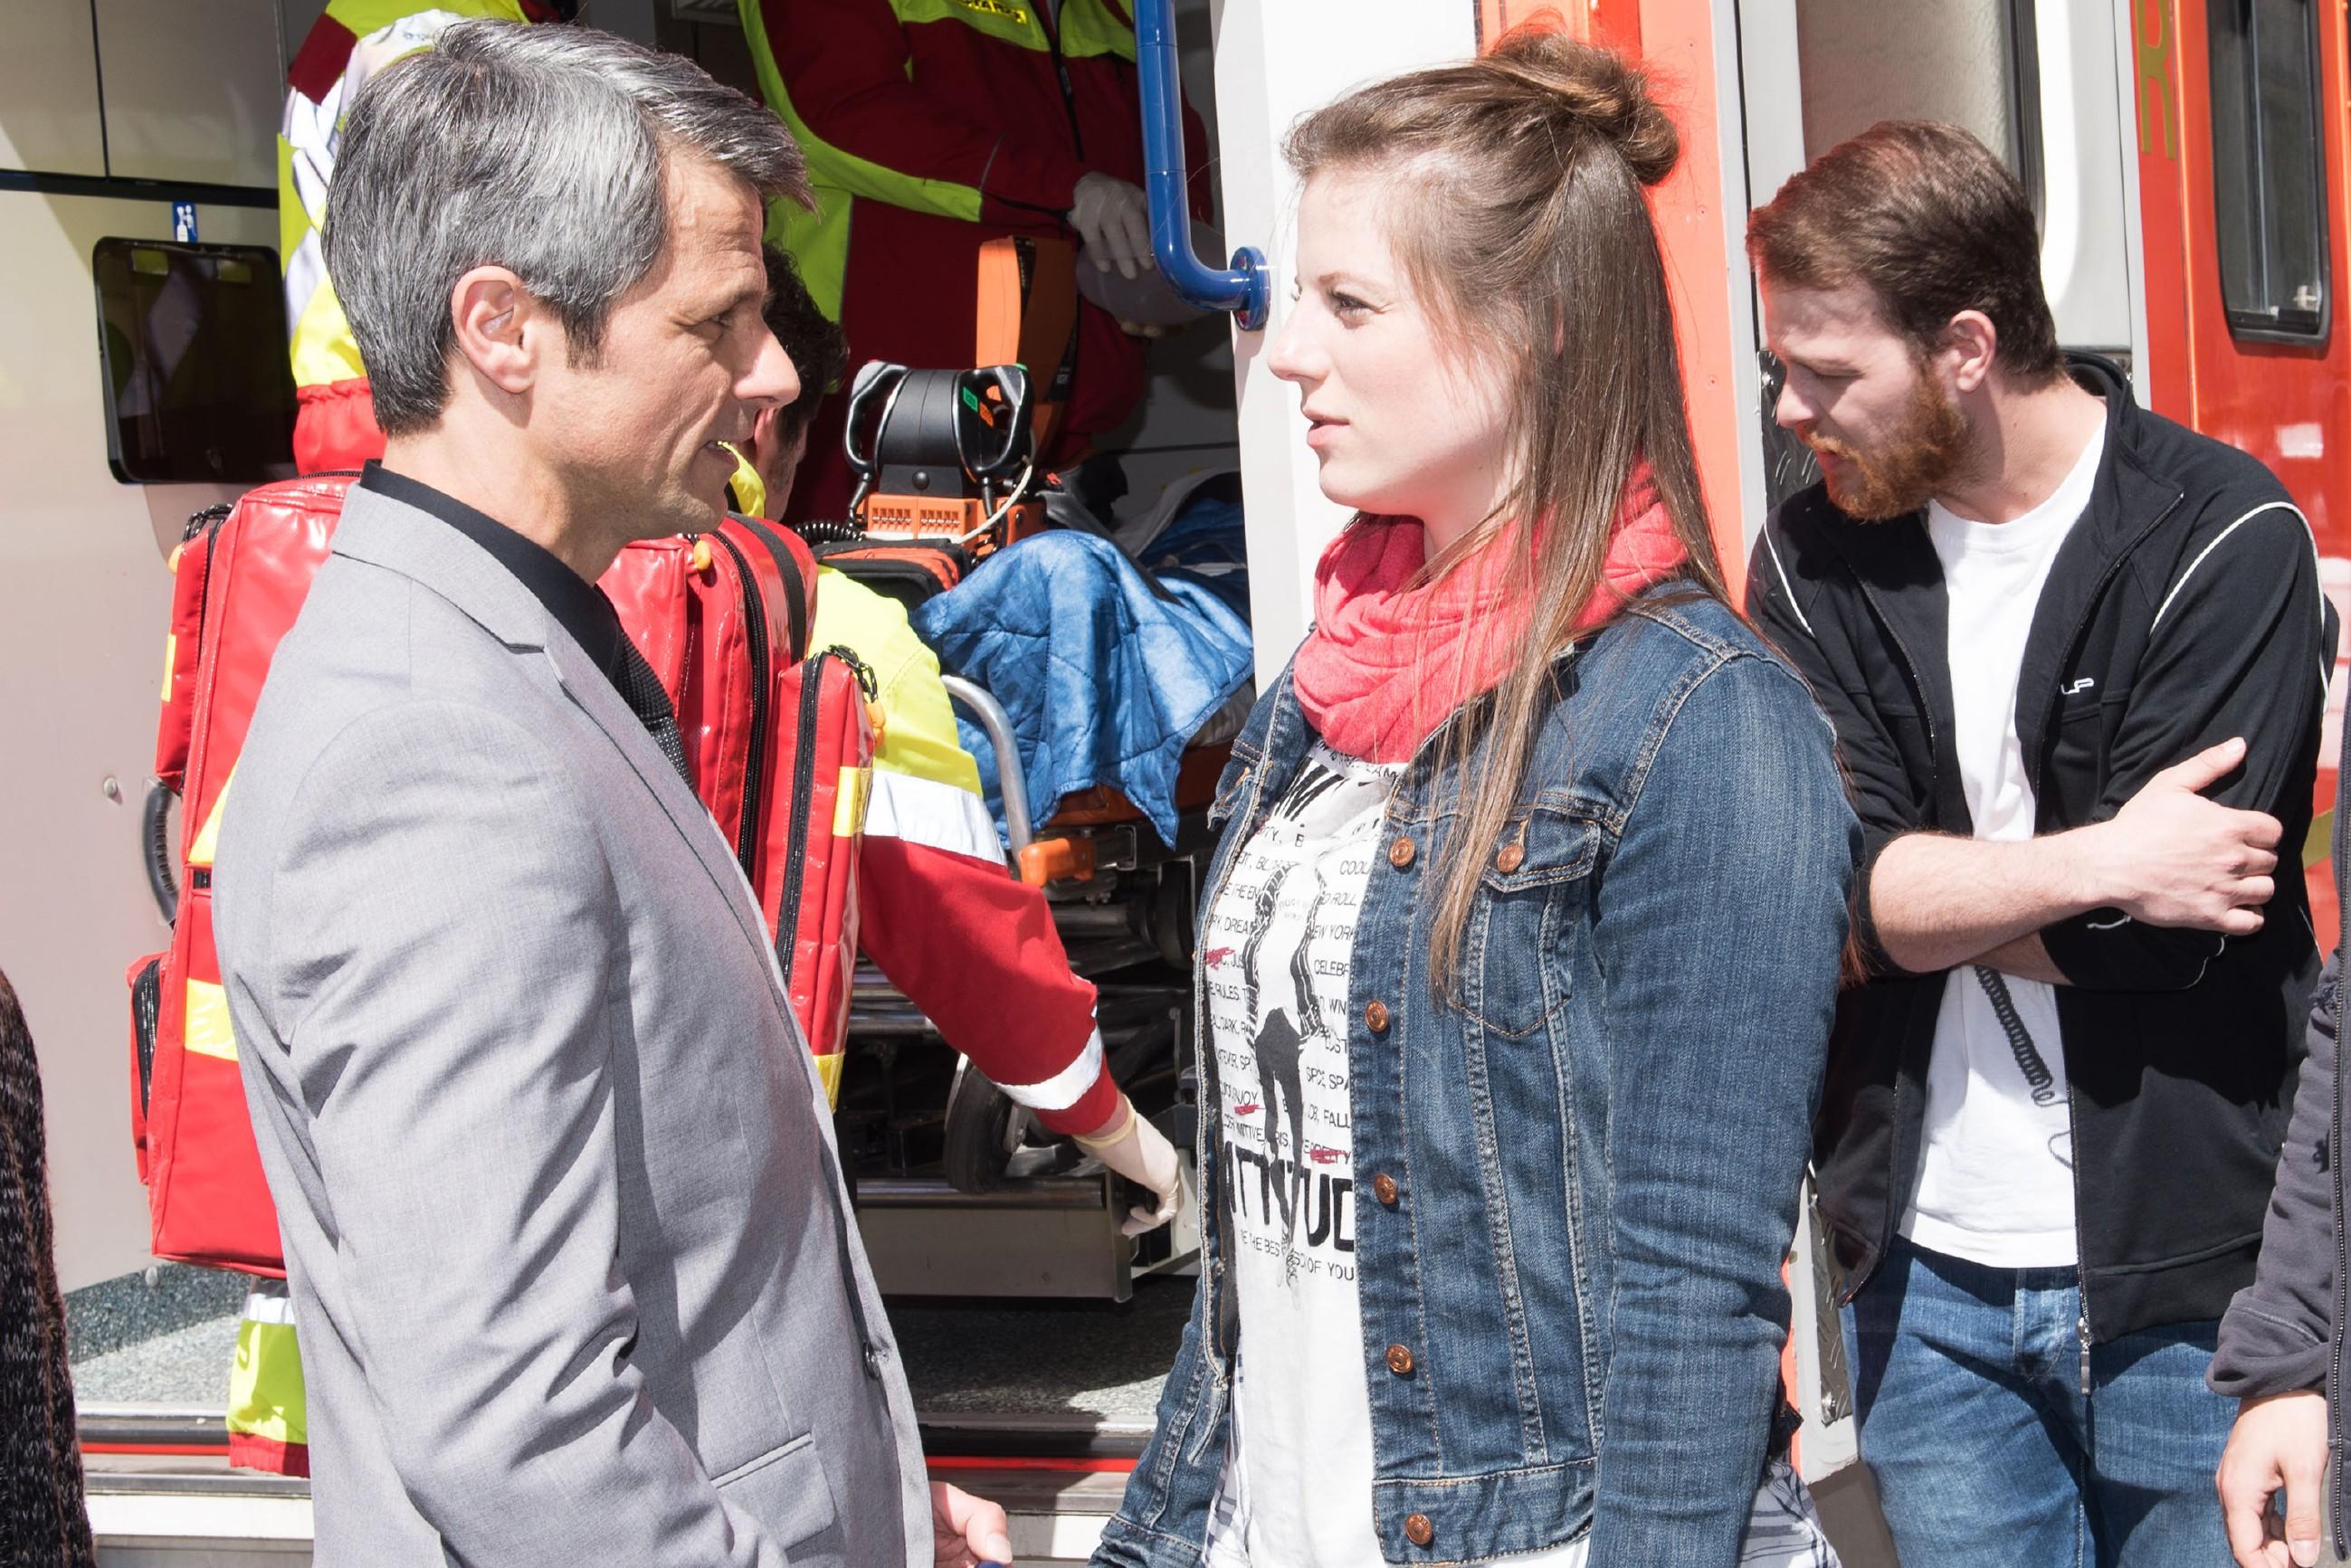 Während Tobias (Patrick Müller, r.) noch unter dem Einfluss der Ereignisse steht, bedankt sich Benedikt (Jens Hajek) bei Elli (Nora Koppen) dafür, seiner Frau Andrea das Leben gerettet zu haben. (Quelle RTL / Stefan Behrens)